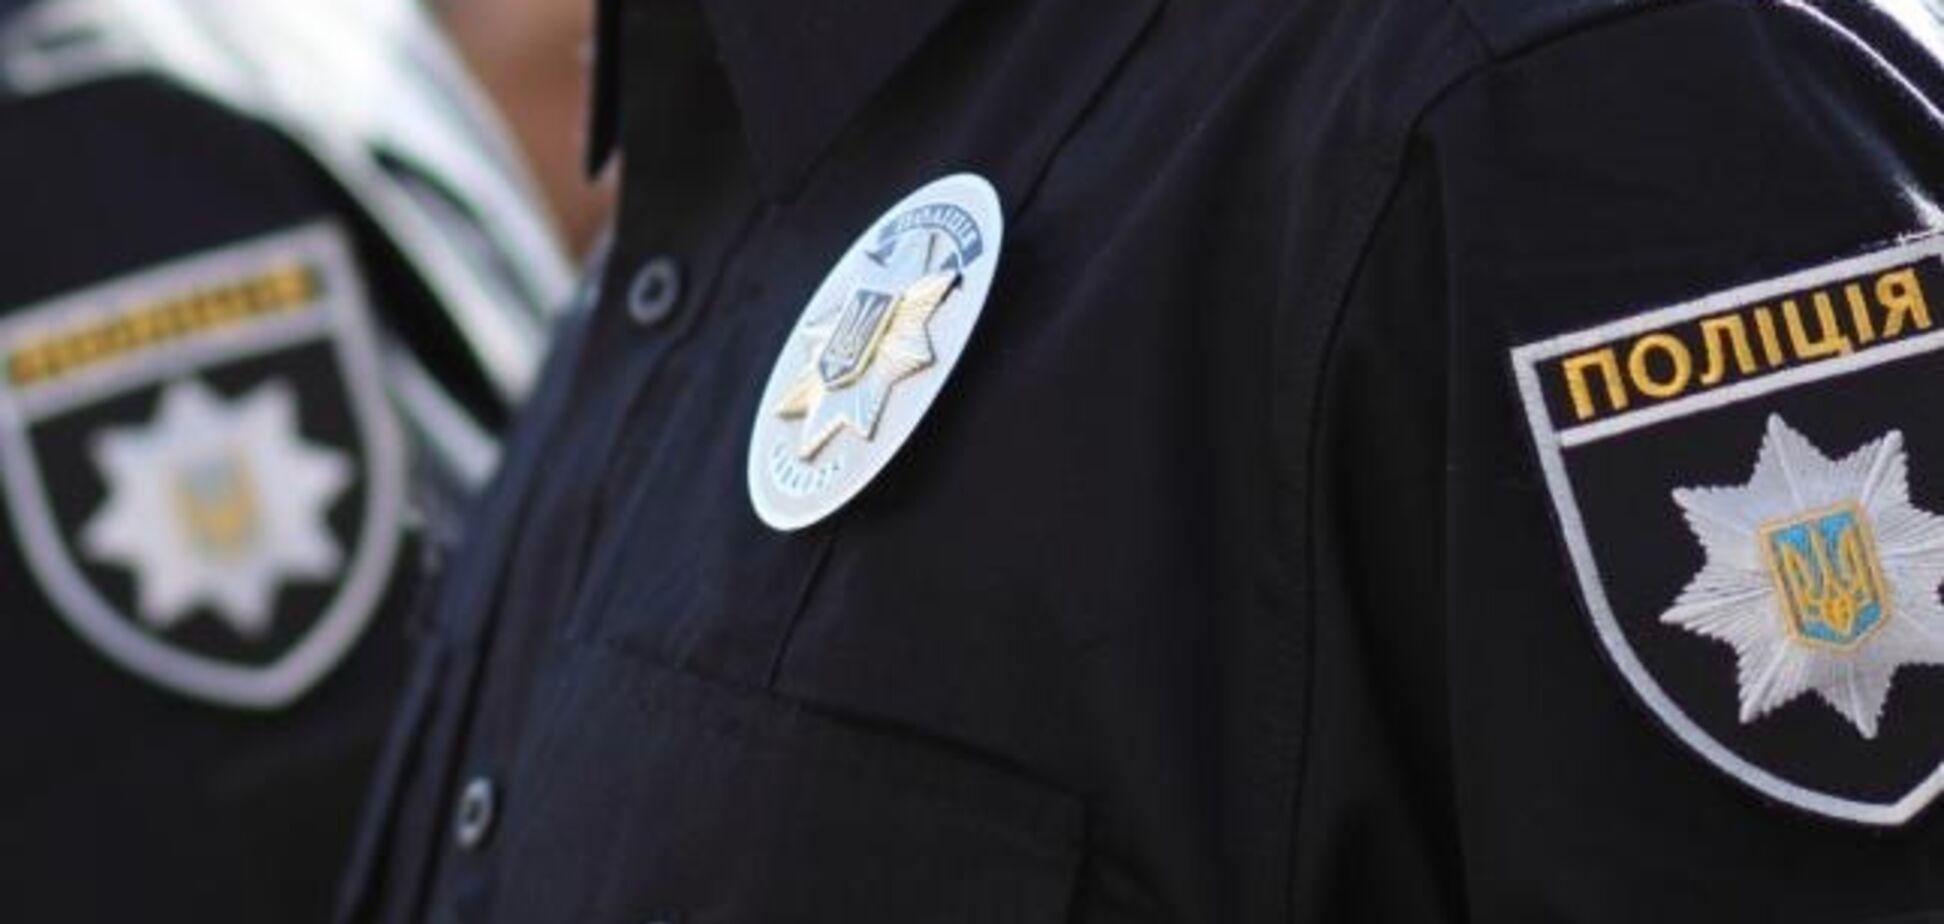 На Дніпропетровщині безвісти зник 16-річний хлопчик. Фото та прикмети